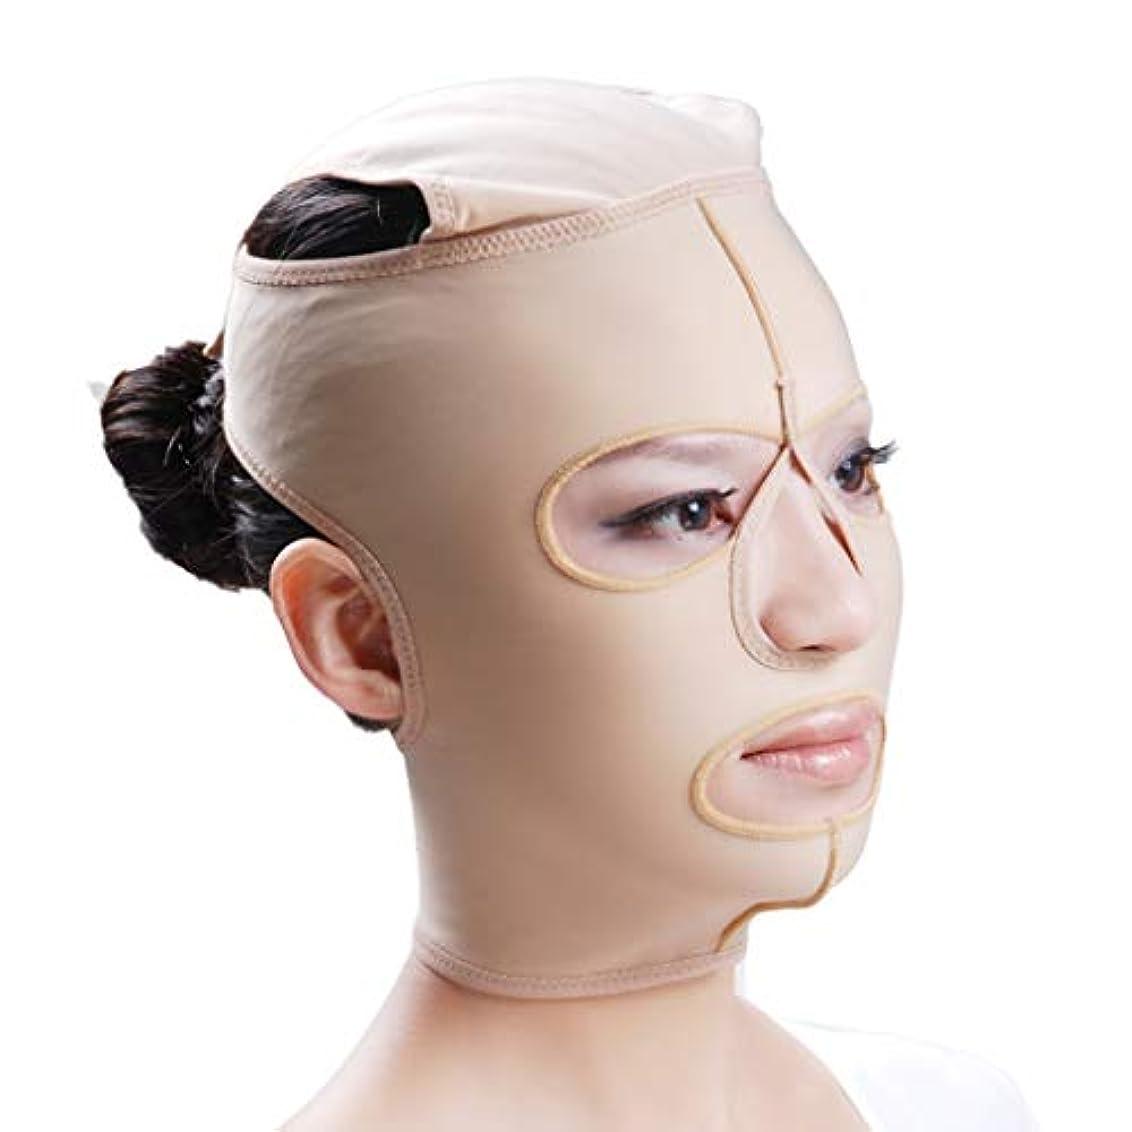 取り消す友だち集めるXHLMRMJ フェイスリフトマスク、フルフェイスマスク医療グレード圧力フェイスダブルチンプラスチック脂肪吸引術弾性包帯ヘッドギア後の顔の脂肪吸引術 (Size : M)